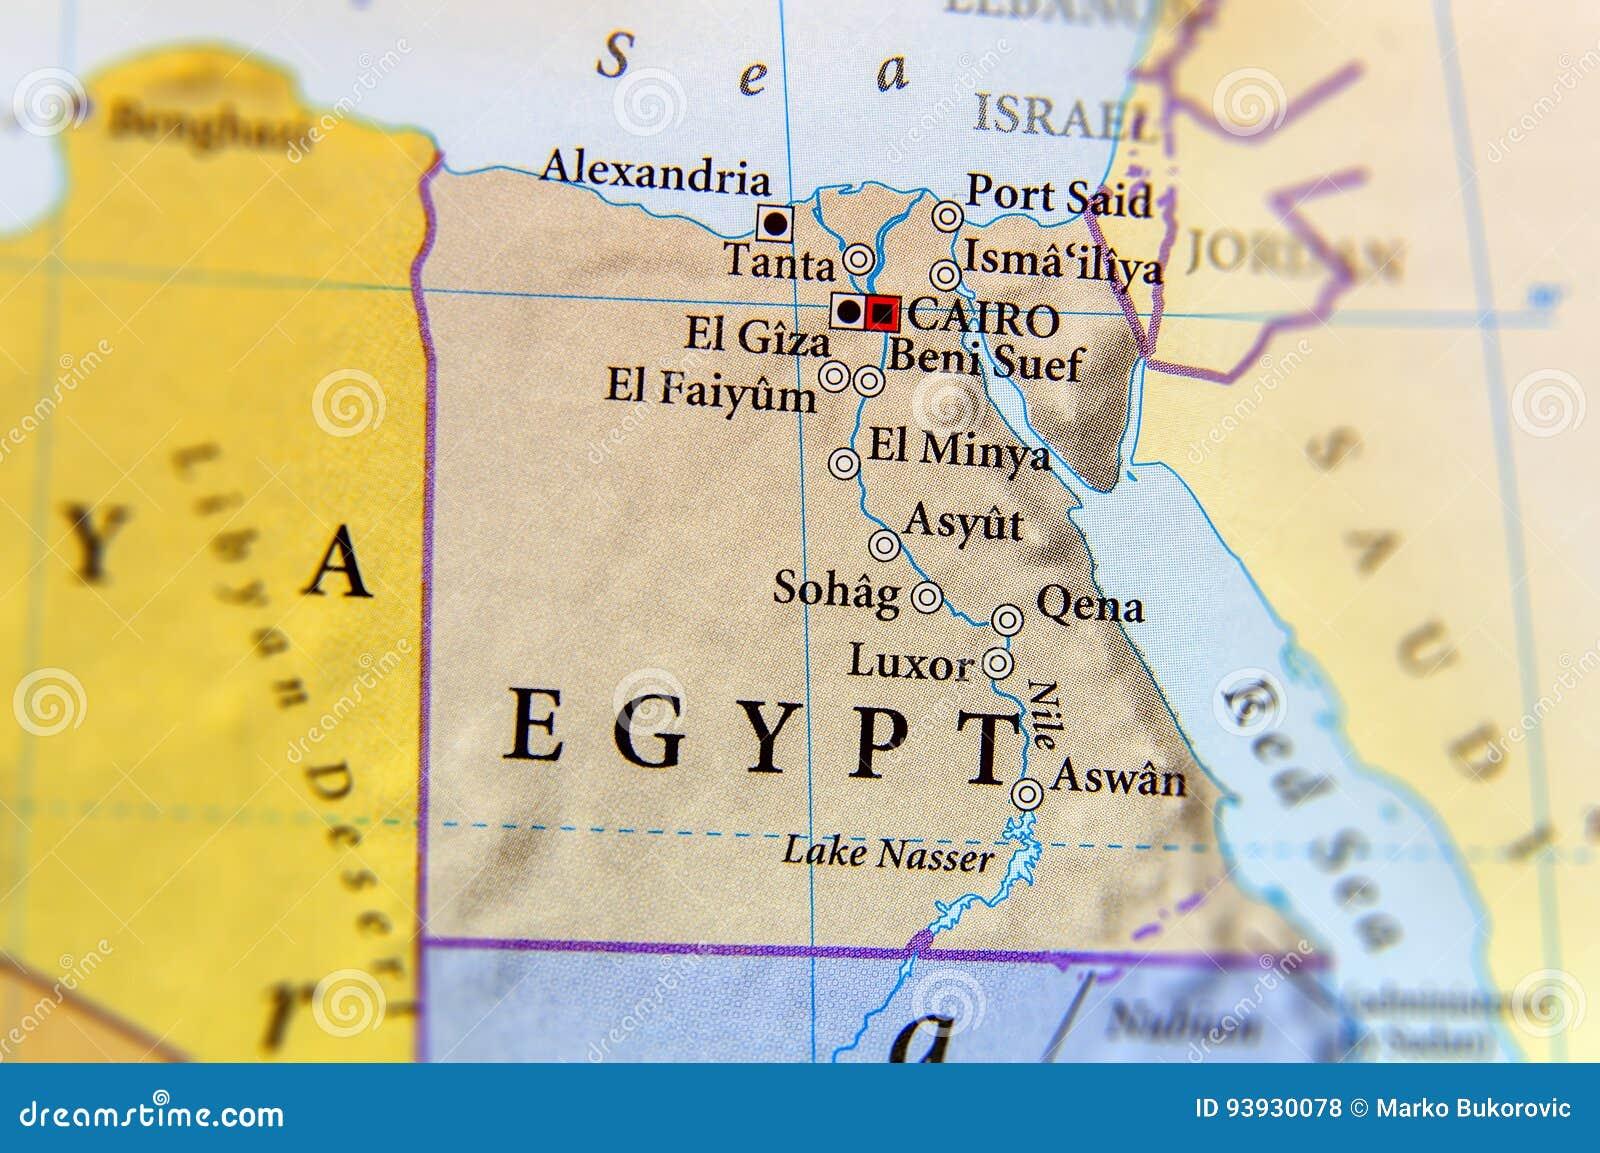 Cartina Egitto In Italiano.Mappa Geografica Dell Egitto Con Le Citta Importanti Fotografia Stock Immagine Di Arabo Penisola 93930078